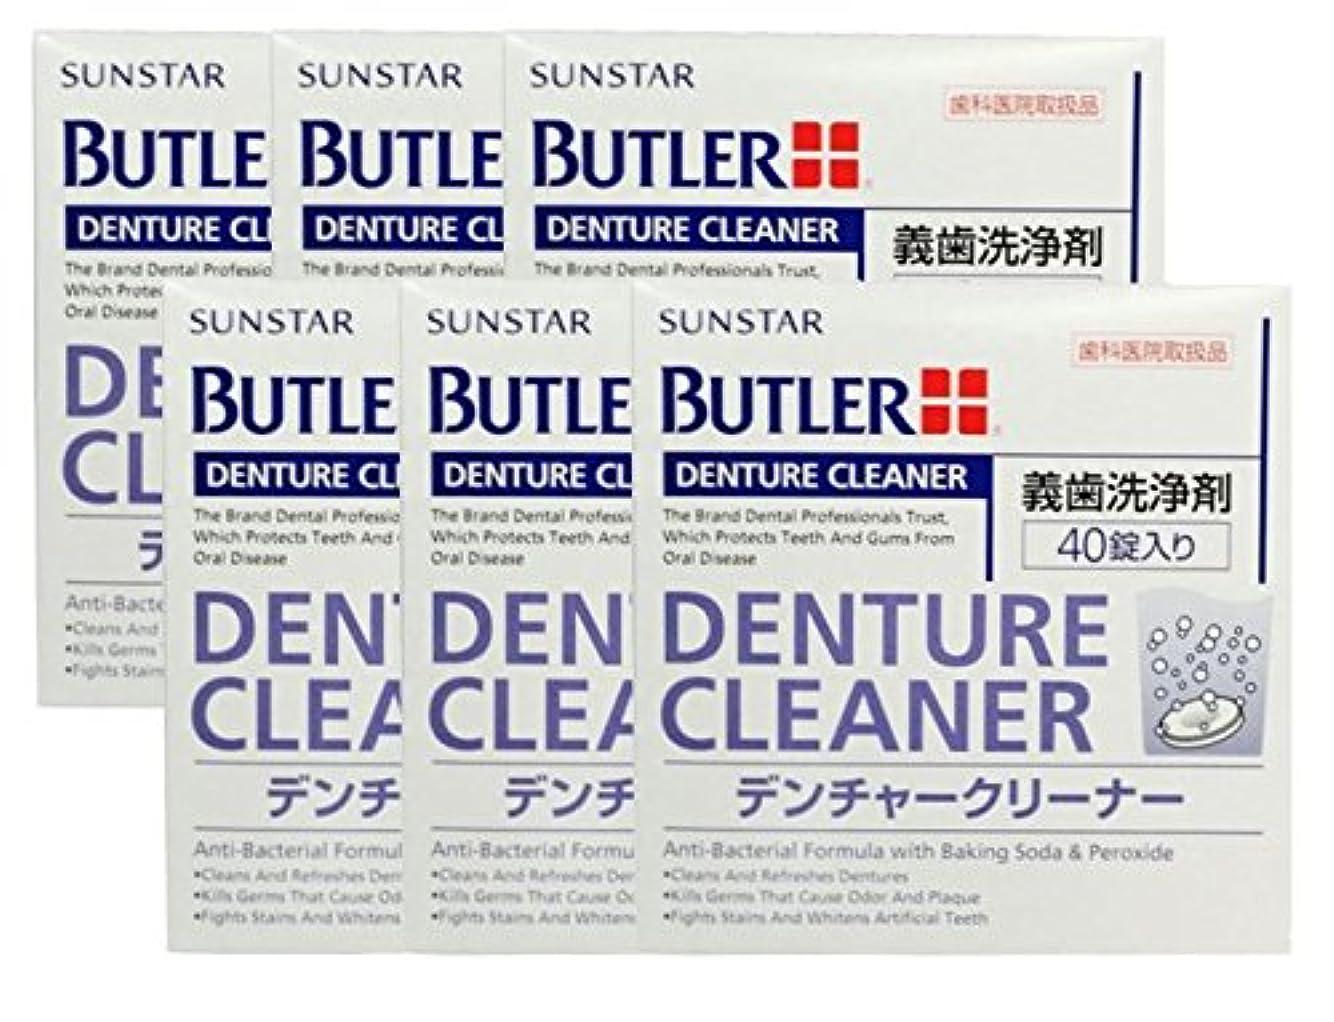 メダル物理的な検査官サンスター/バトラー歯科用バトラー デンチャークリーナー #250P 6箱 義歯洗浄剤 6個入/箱